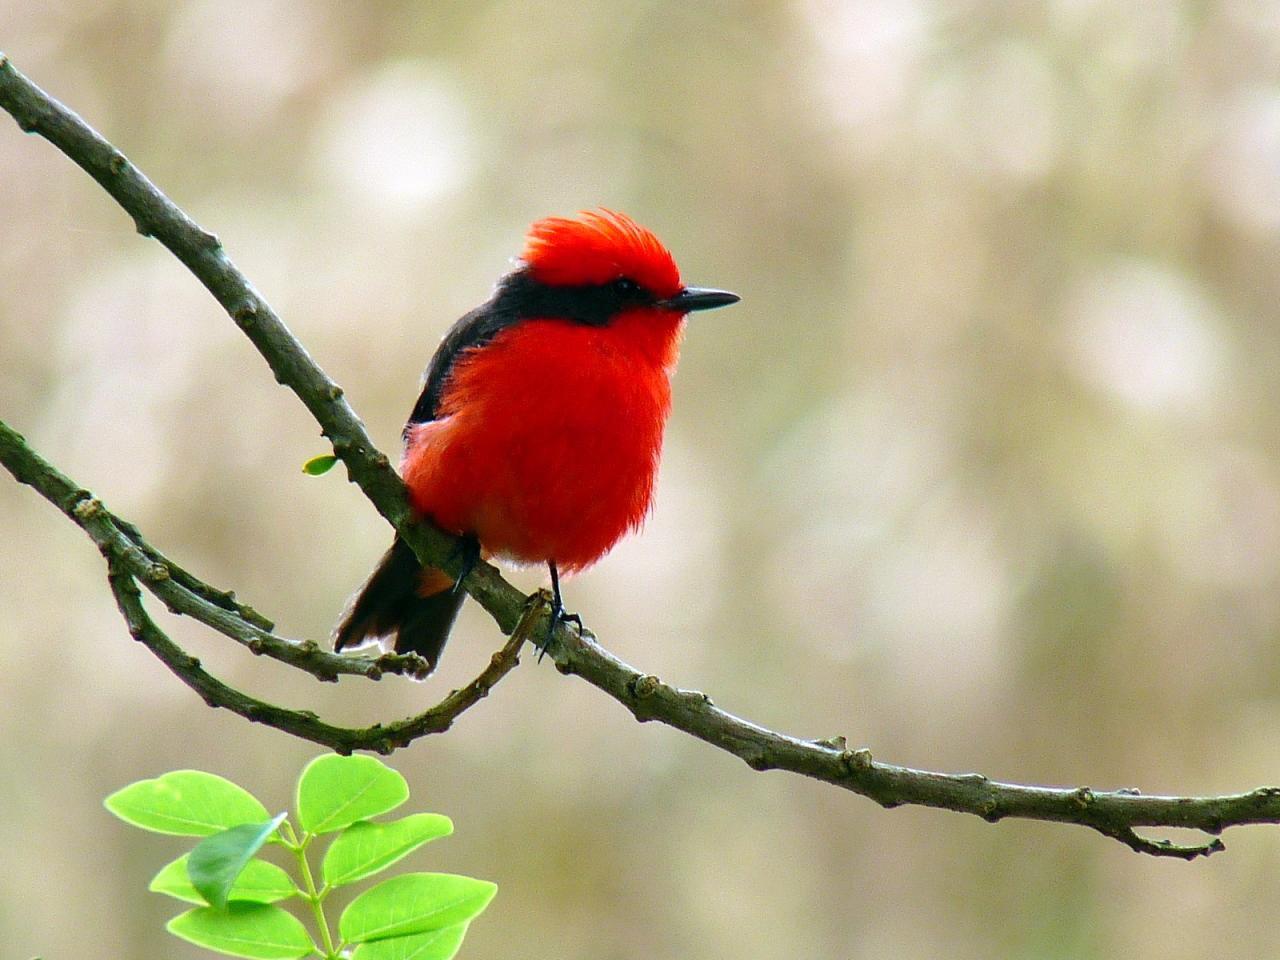 Chim đớp ruồi đỏ son